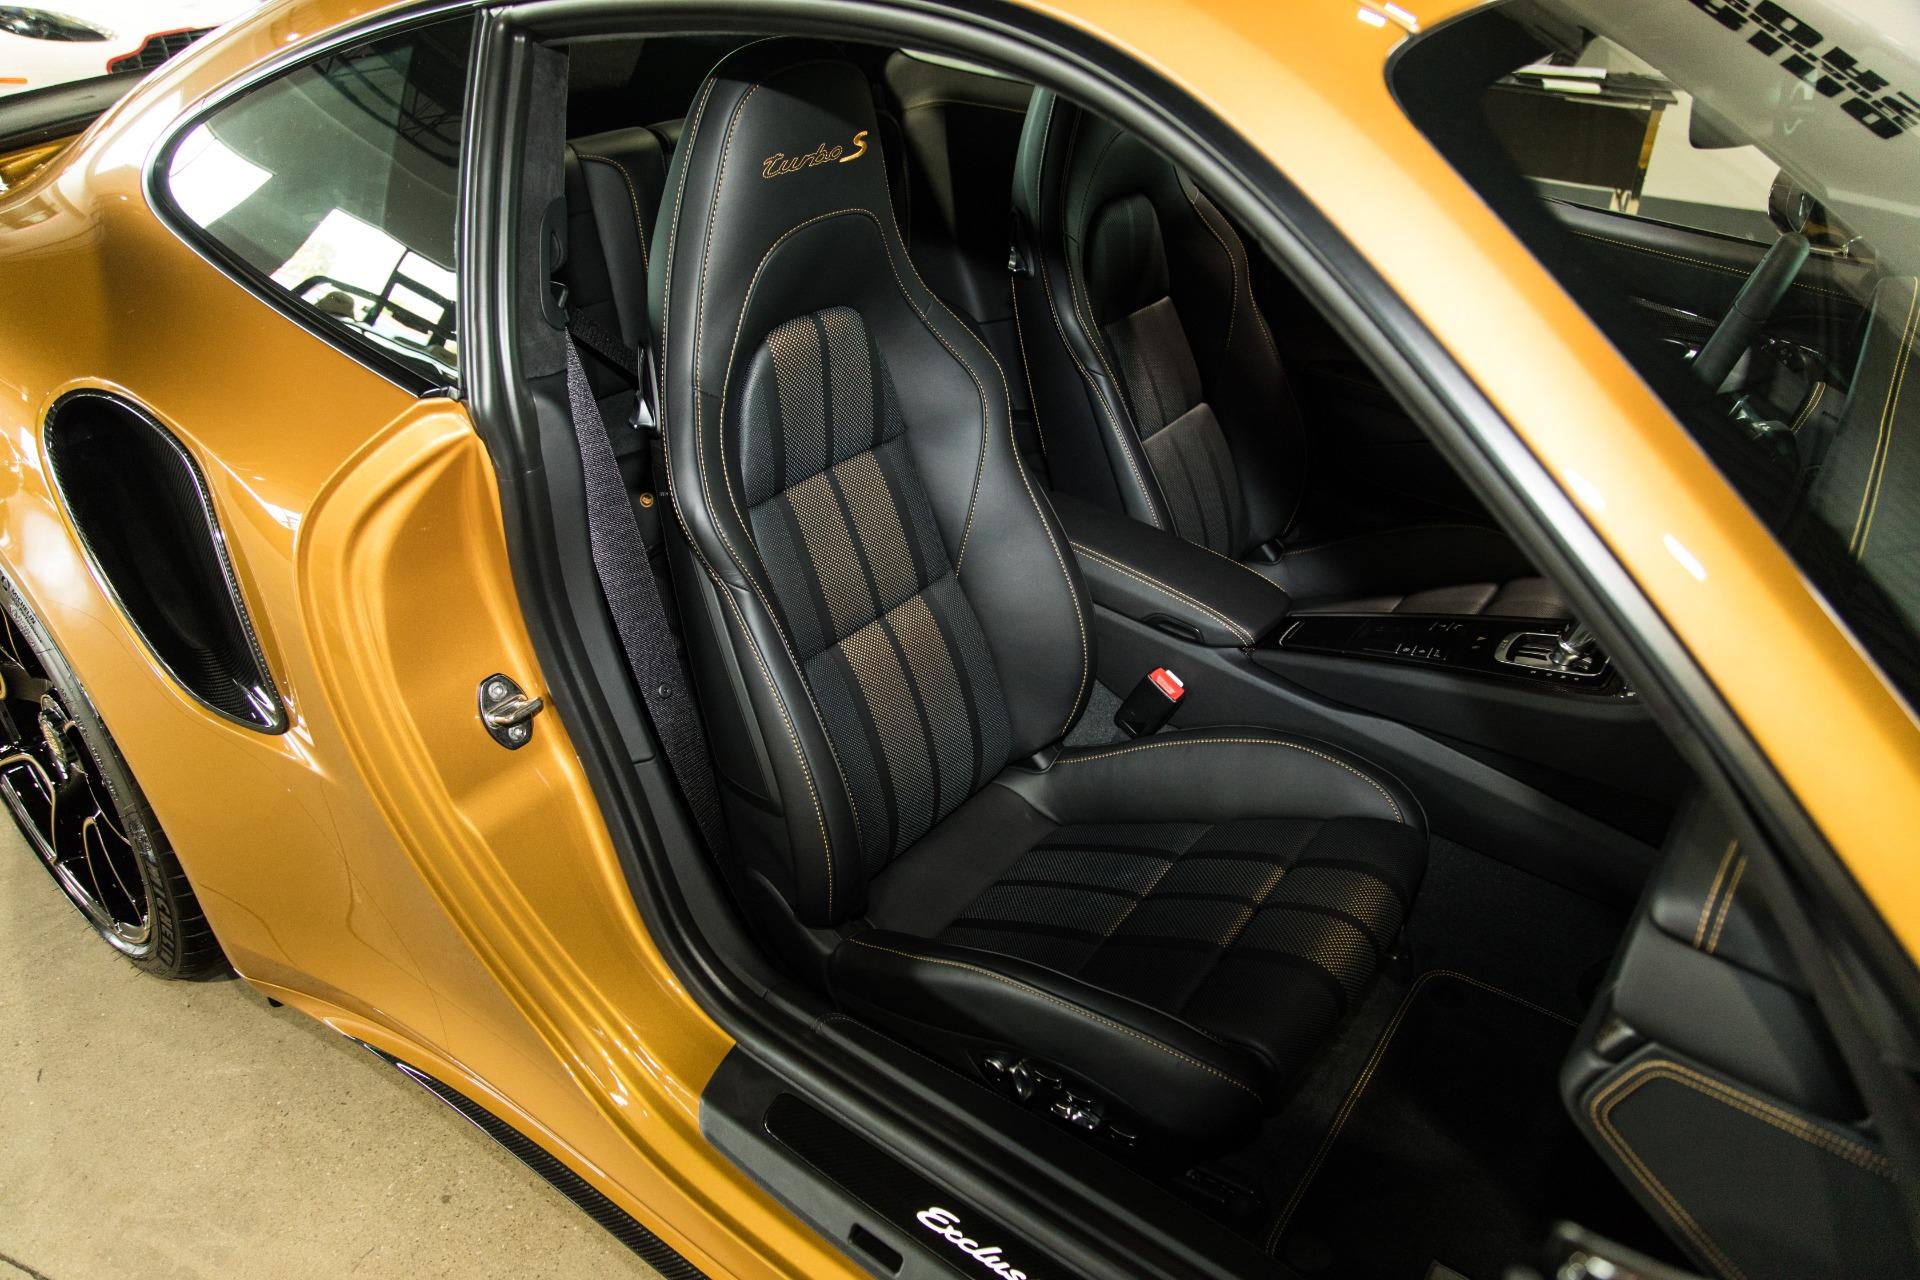 Used-2018-Porsche-911-Turbo-S-Exclusive-Series